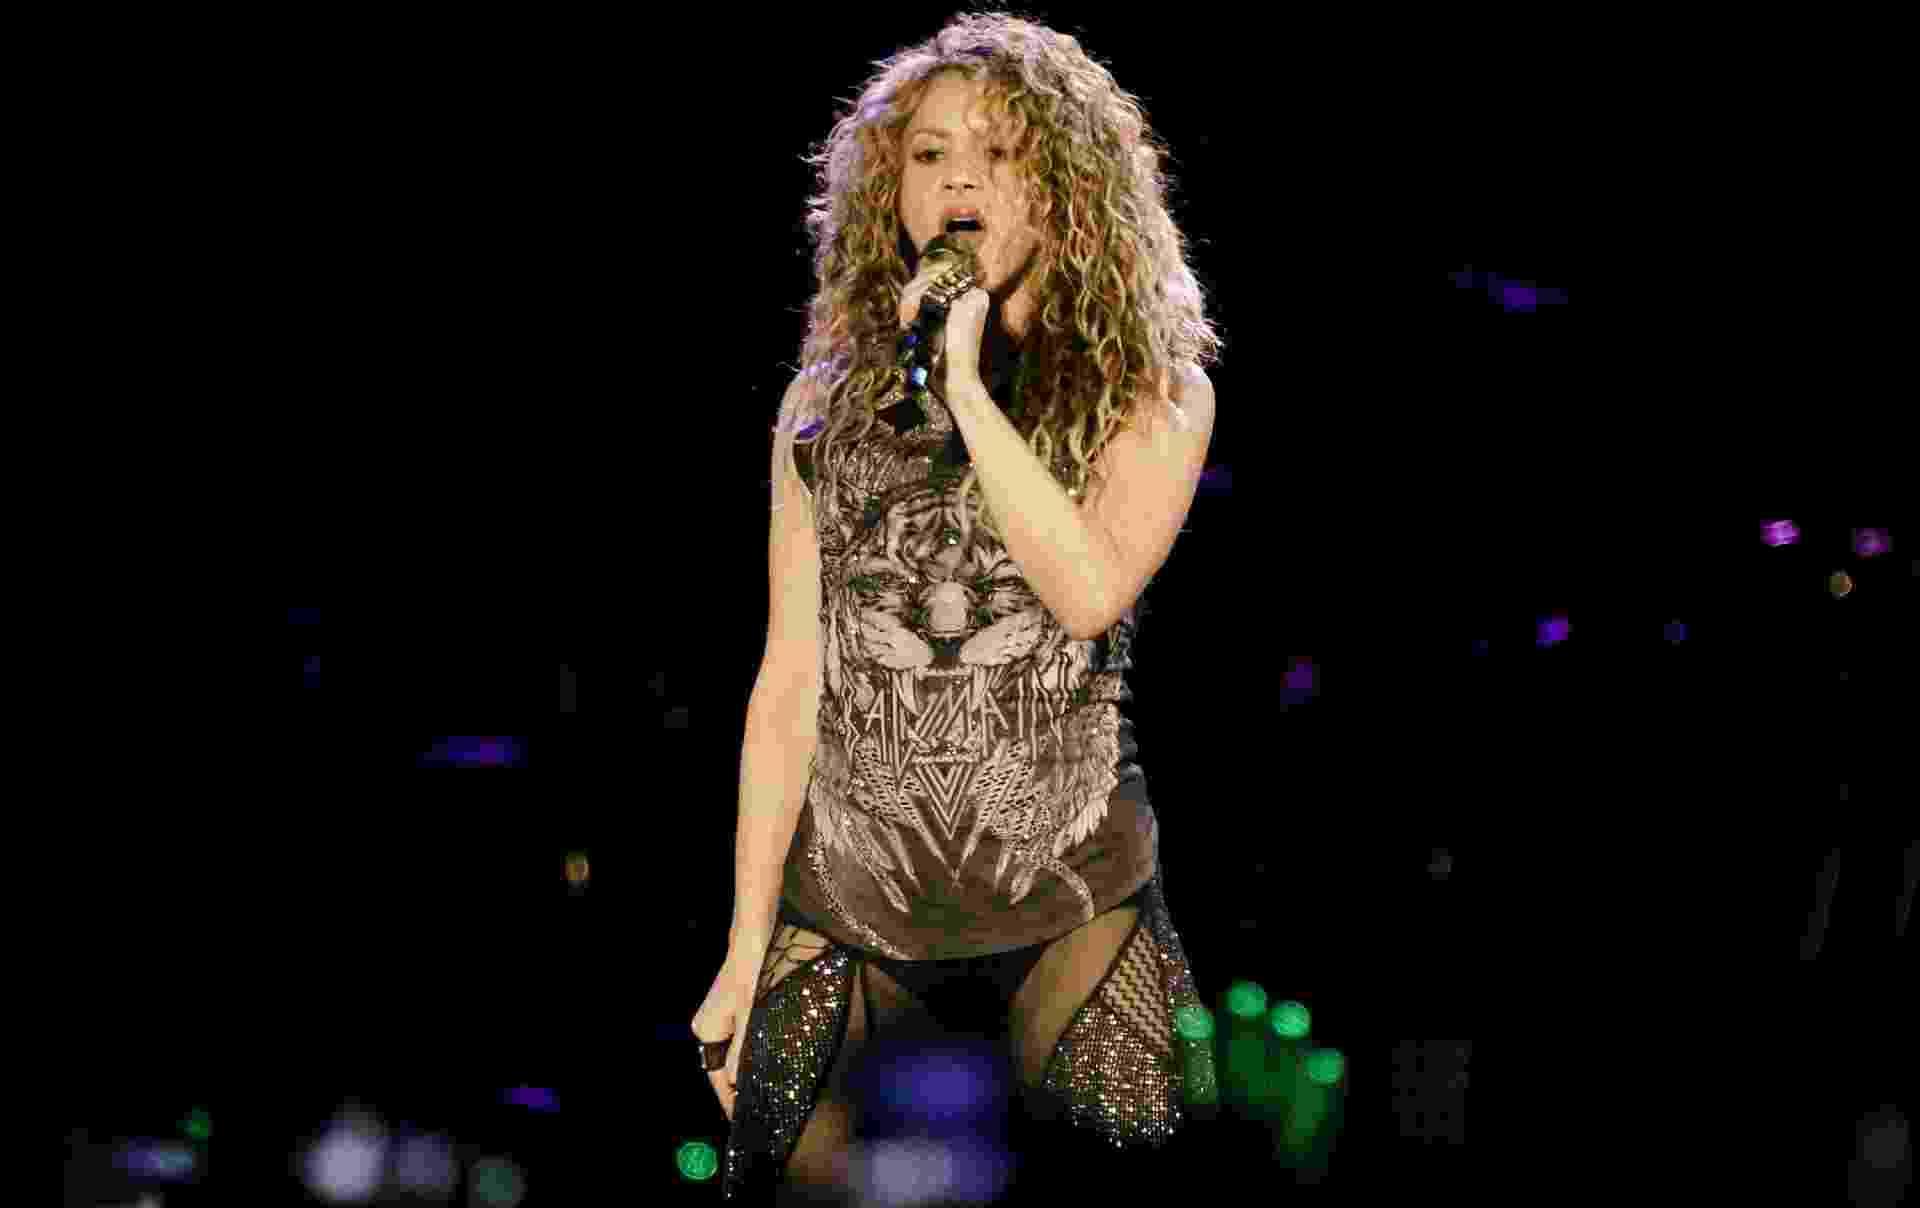 Shakira faz show no estádio Allianz Parque, em São Paulo - Mariana Pekin/UOL